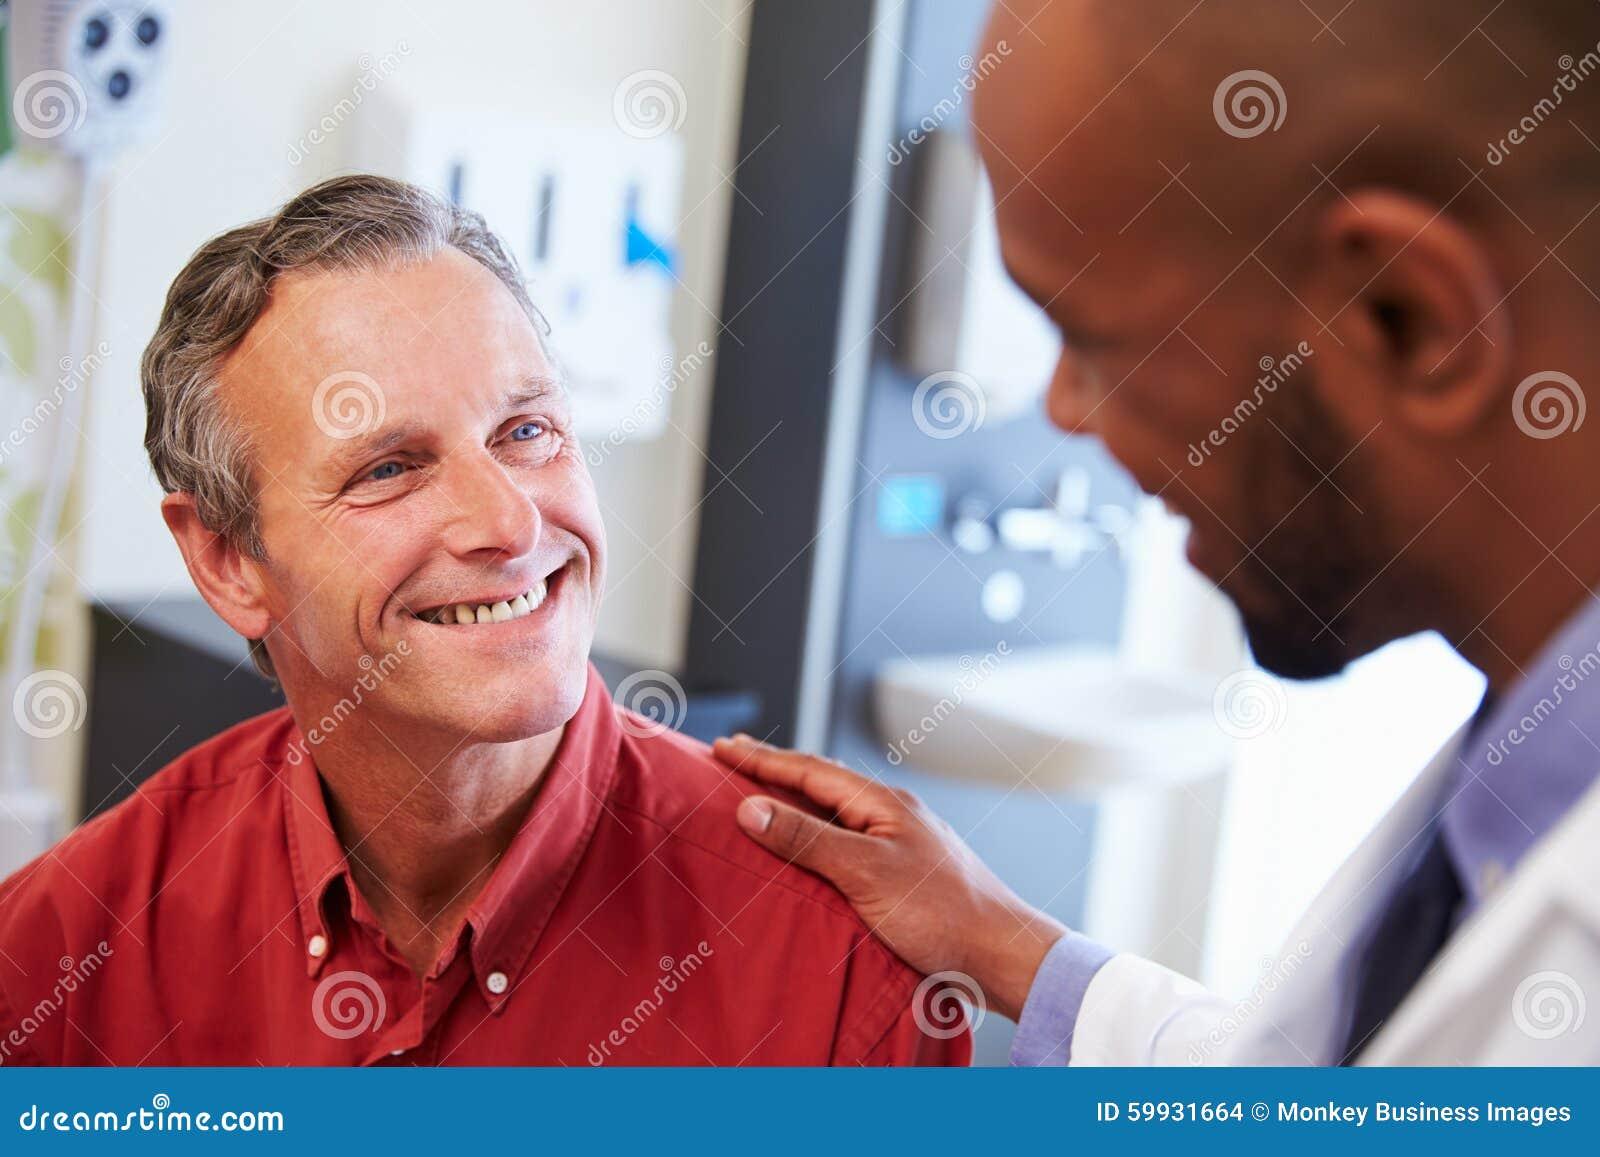 Manlig patient som uppmuntras av doktor In Hospital Room